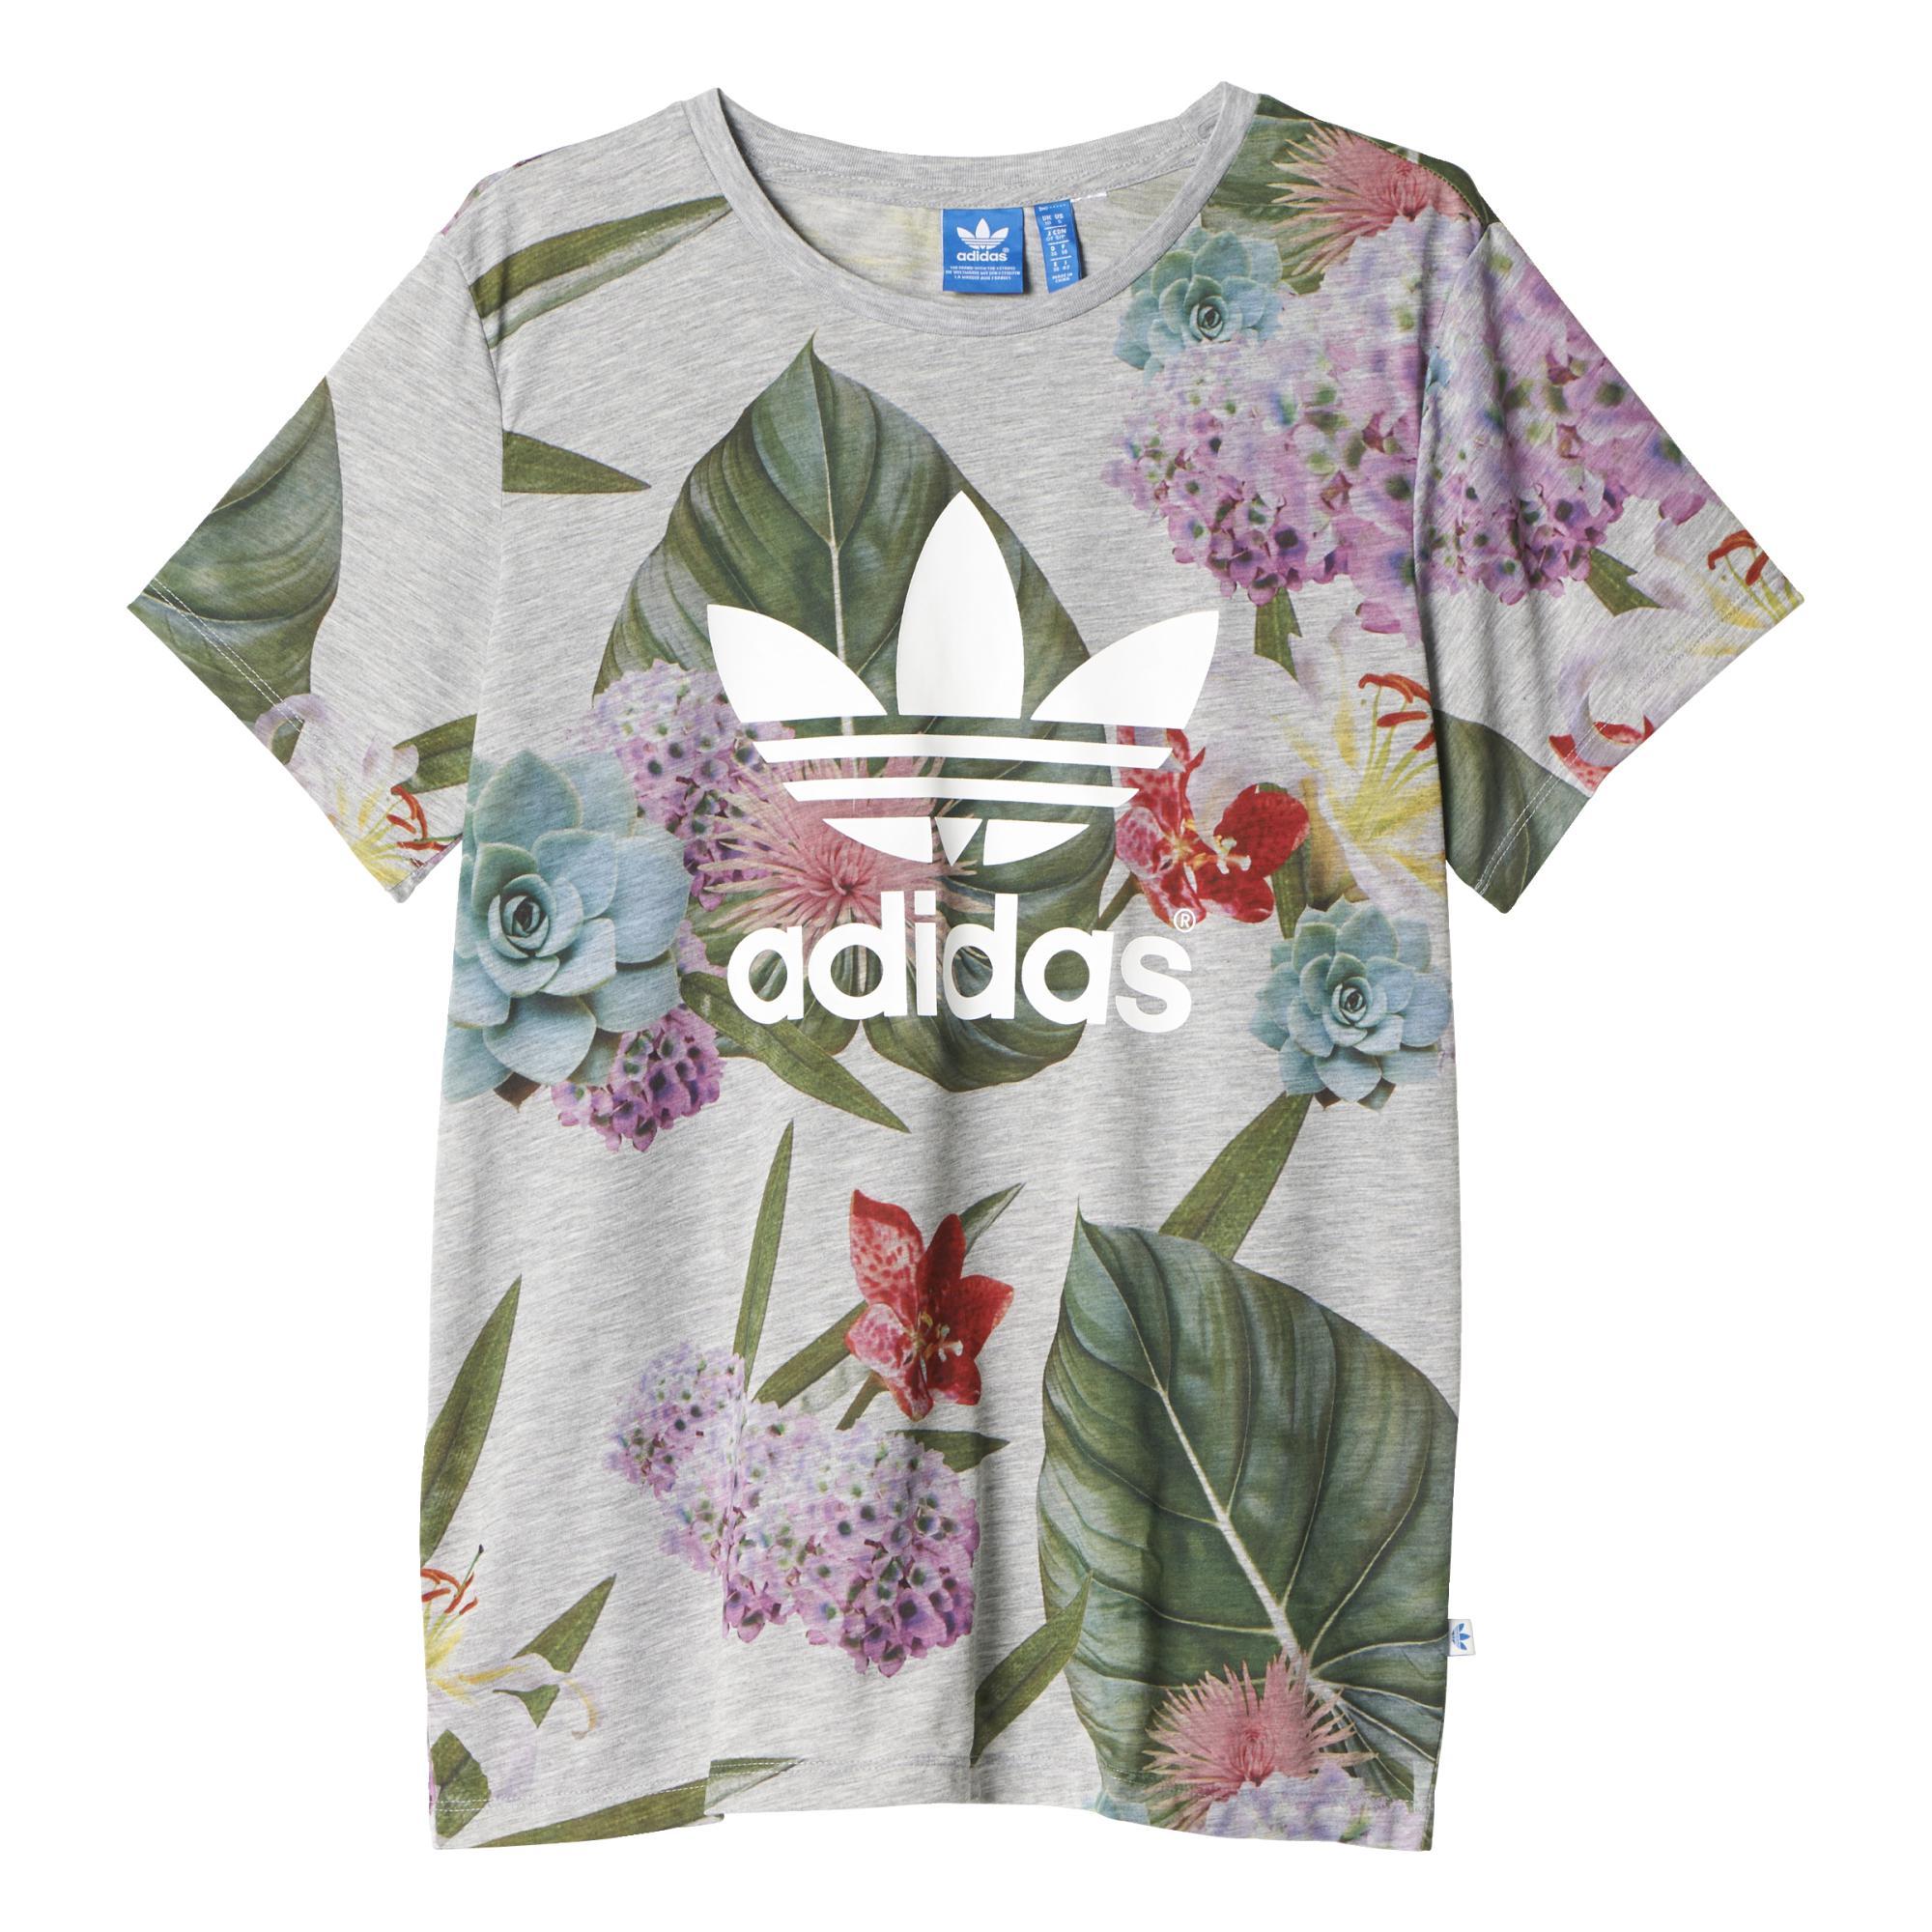 como el desayuno Anticuado Húmedo  camiseta flores adidas - Tienda Online de Zapatos, Ropa y Complementos de  marca